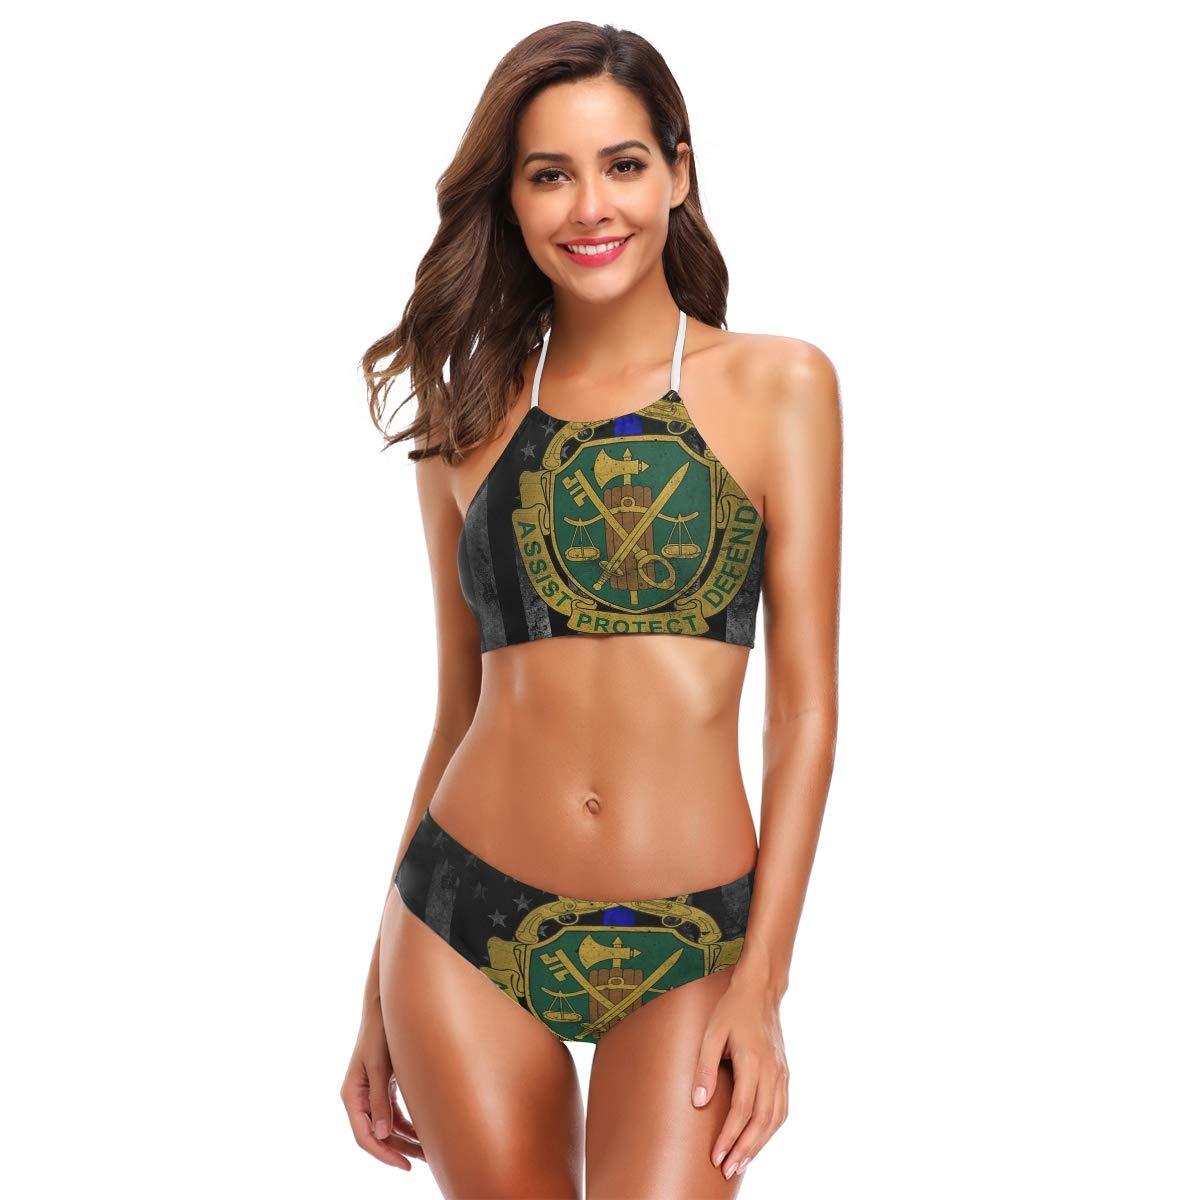 Amazon.com: SLHFPX - Traje de baño para mujer, diseño retro ...